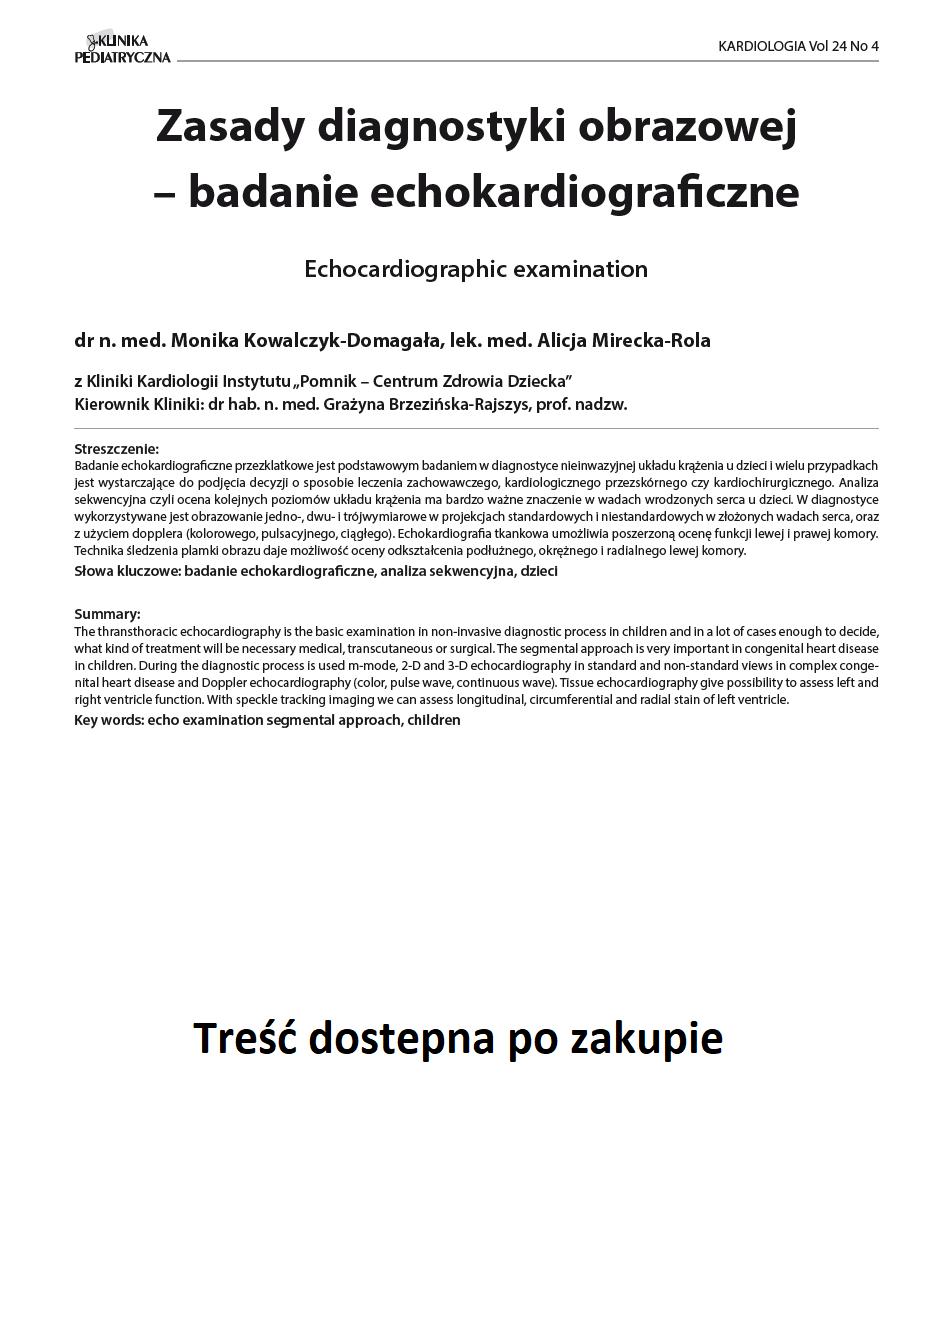 KP 4 -2016- Zasady diagnostyki obrazowej – badanie echokardiograficzne